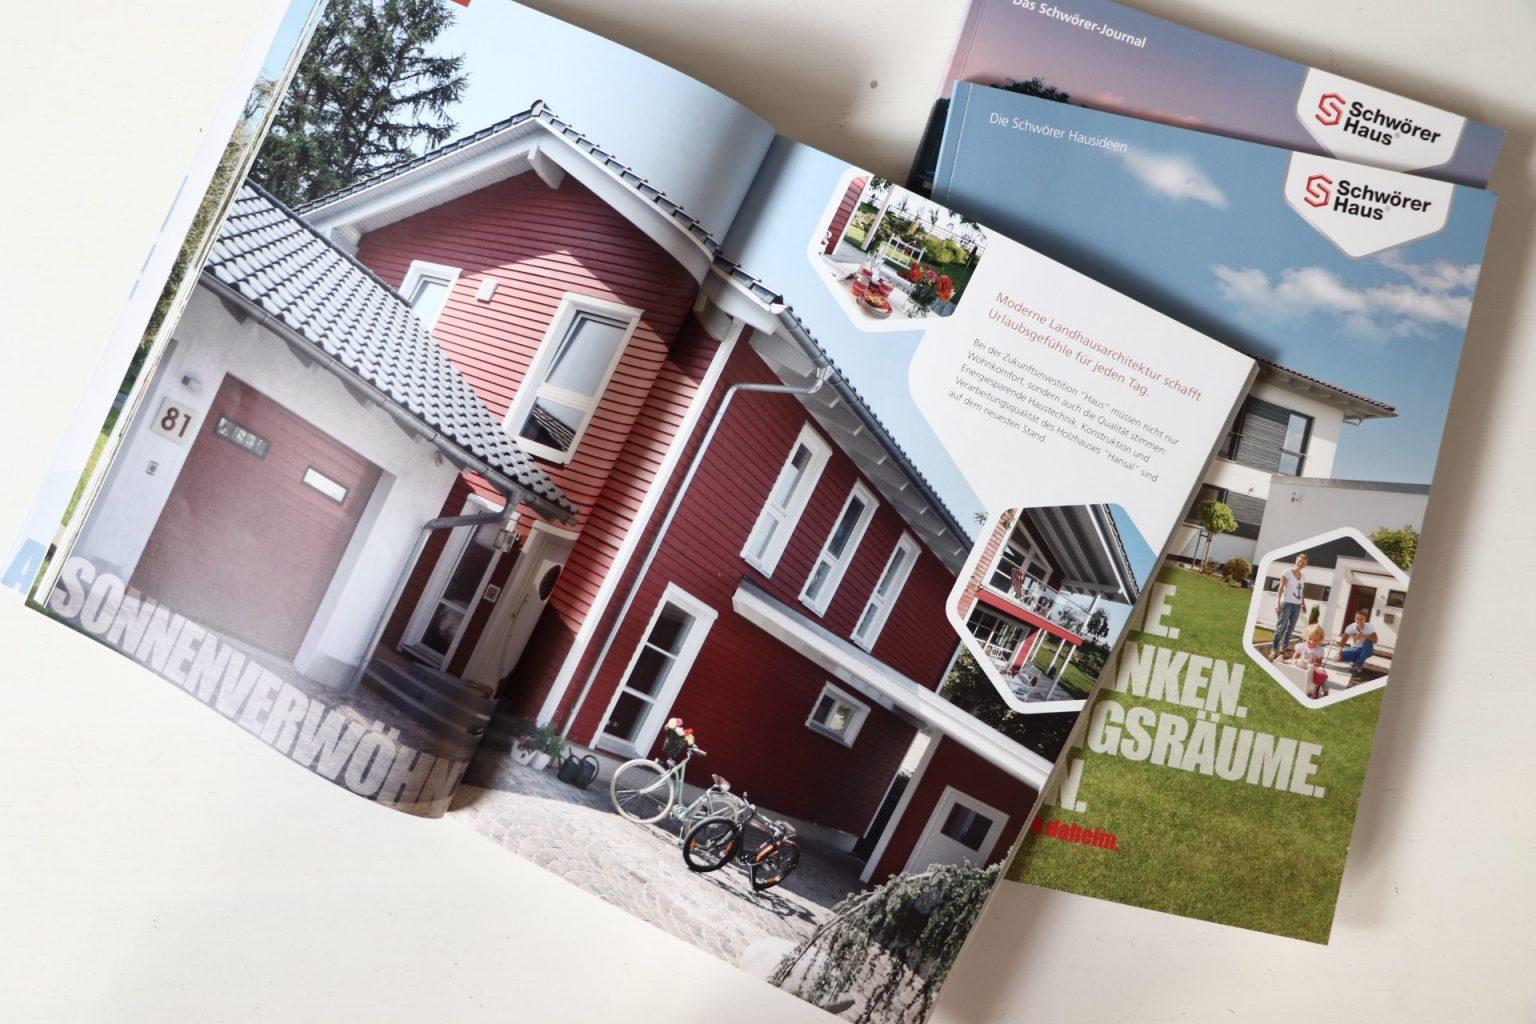 Schwedenhaus bauen Erfahrungen Schwörer